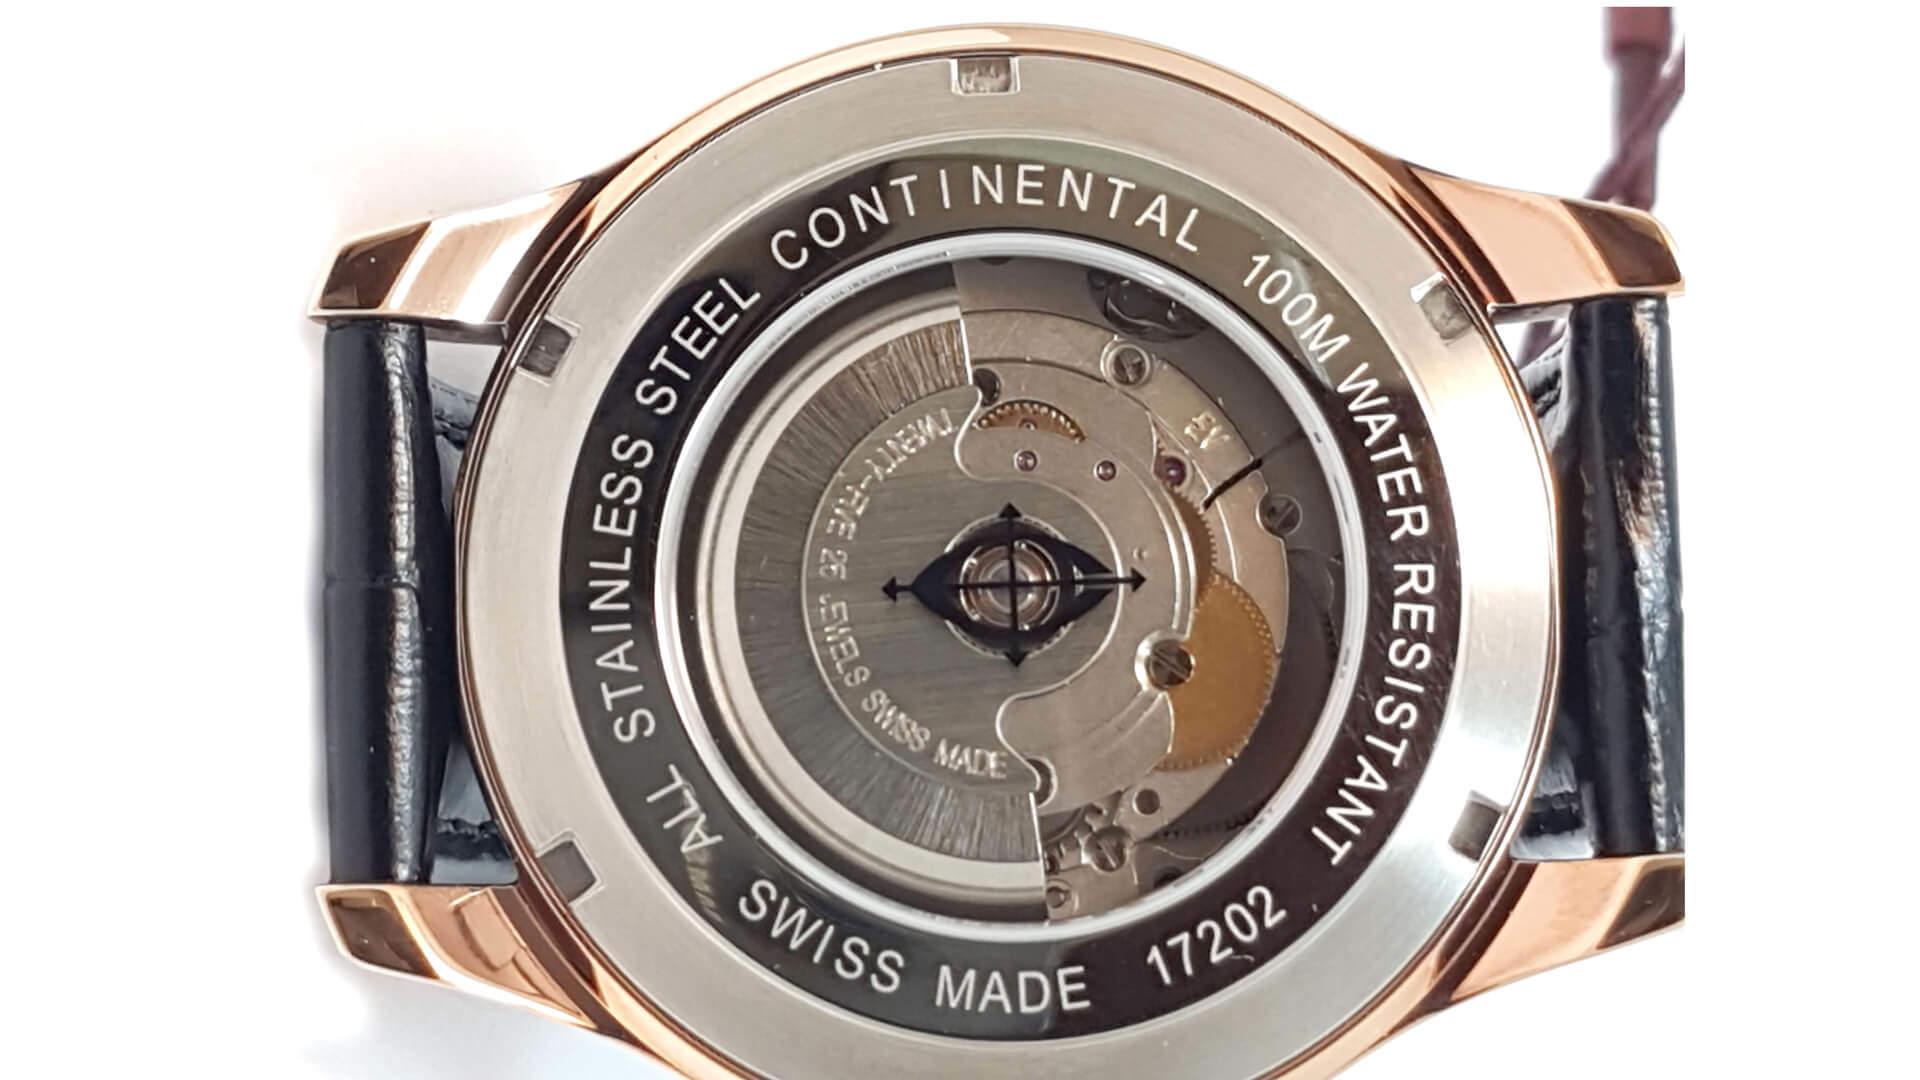 Dekiel zegarka Continental z informacja o poziomie szczelności koperty